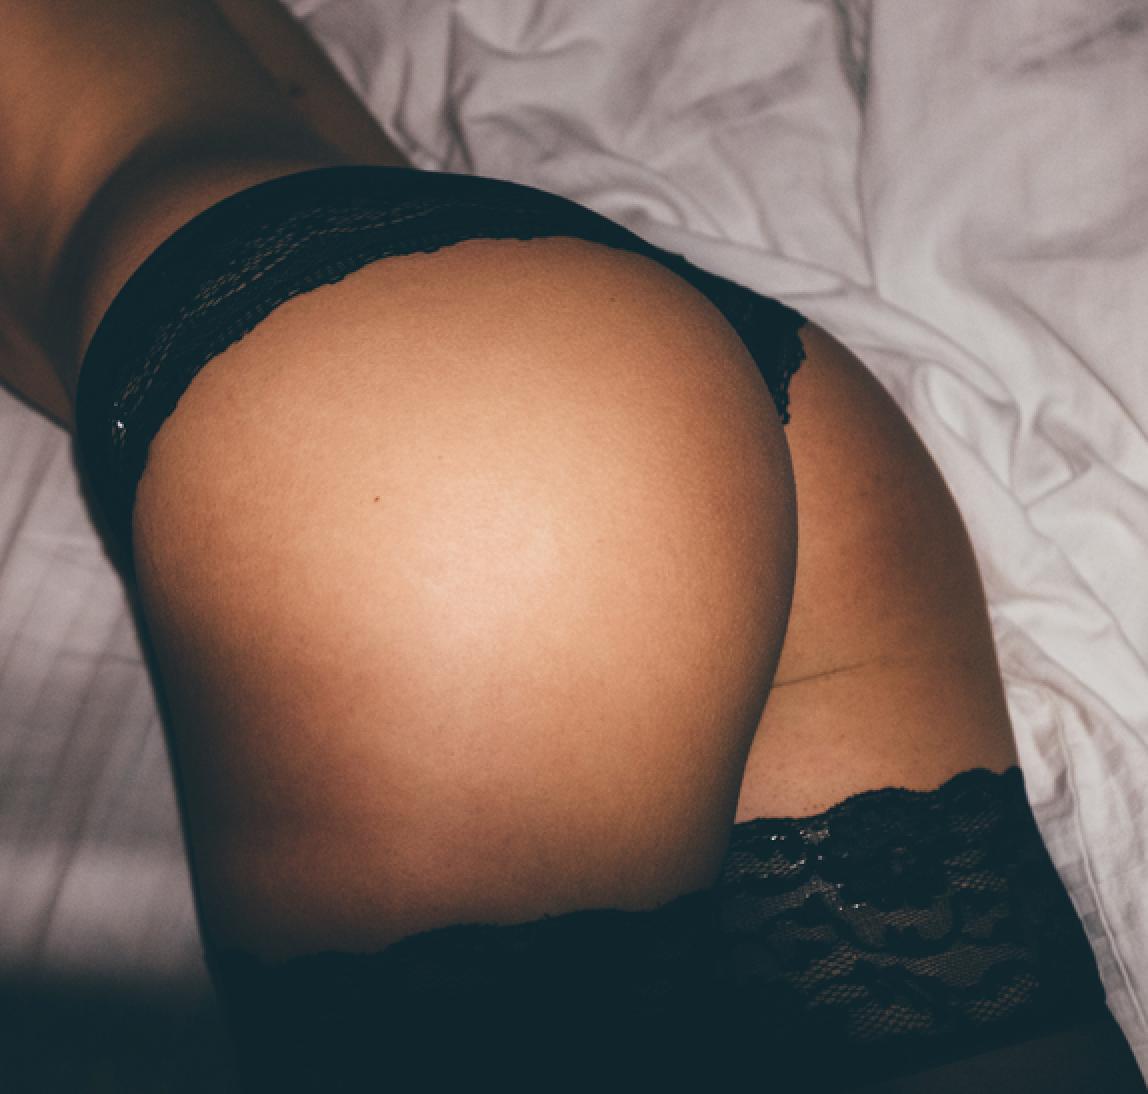 woman's butt